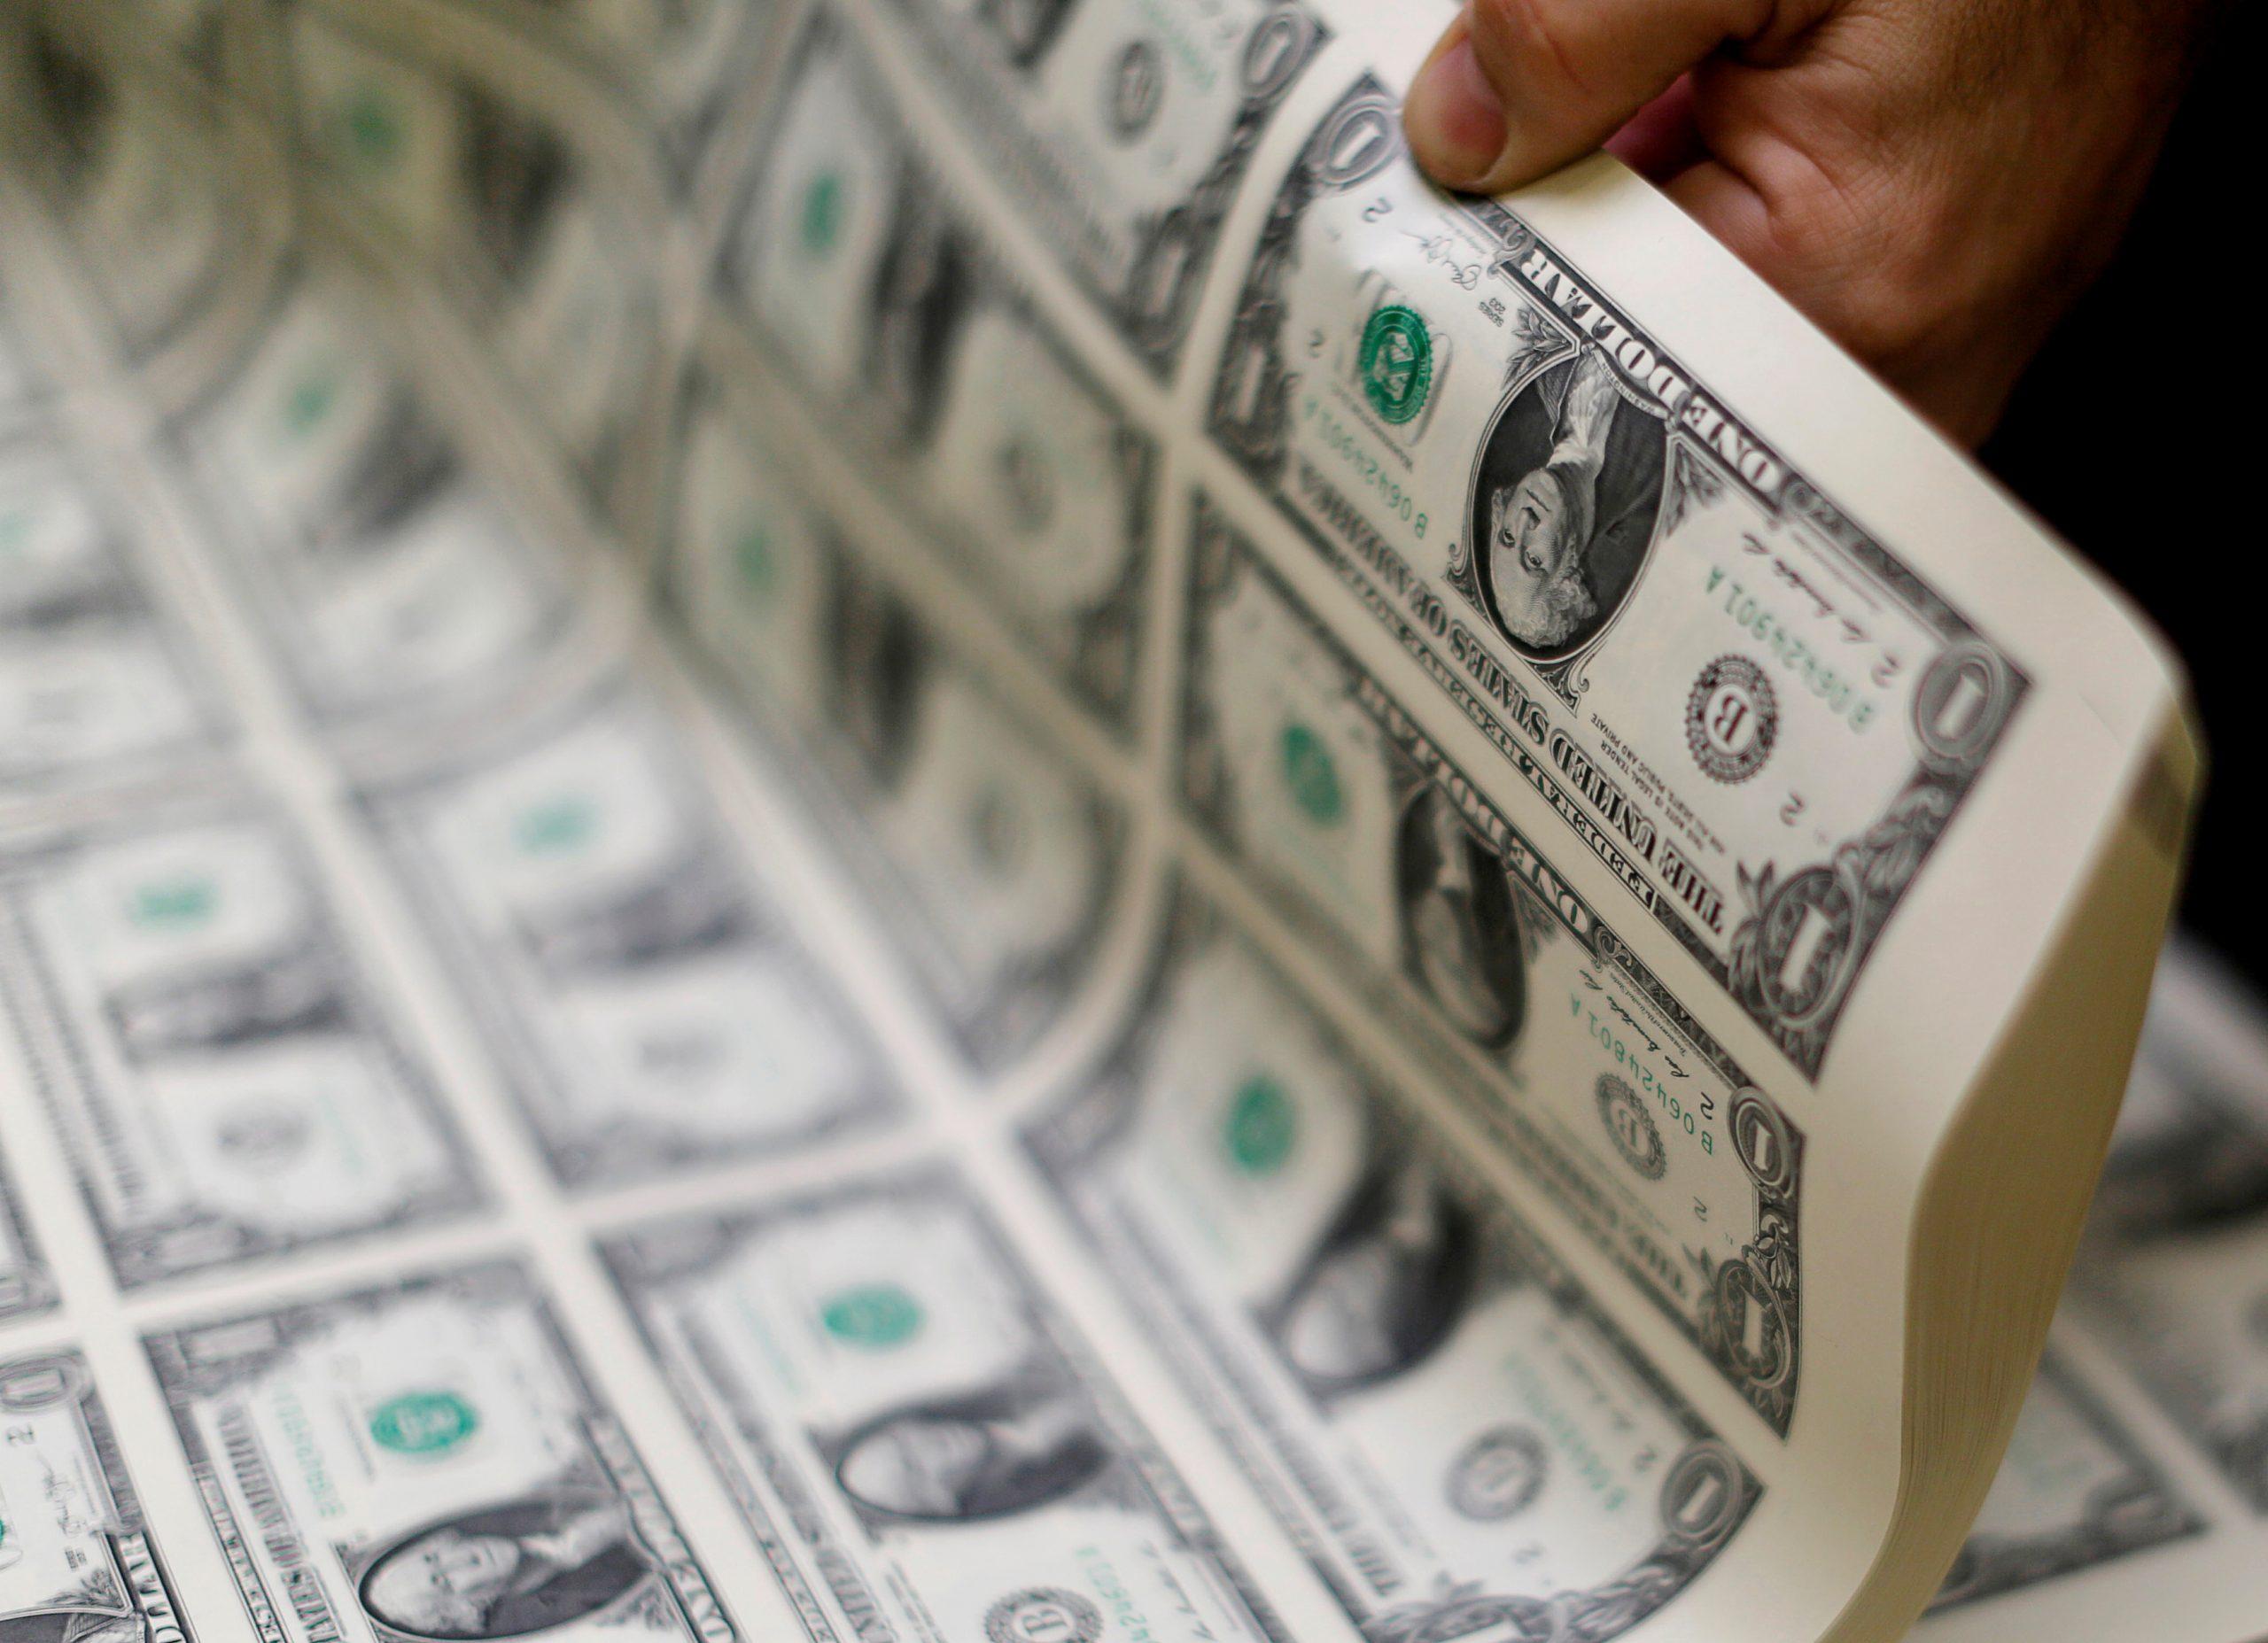 Hoa Kỳ lấy Việt Nam và Thụy Sĩ khỏi danh sách thao túng tiền tệ